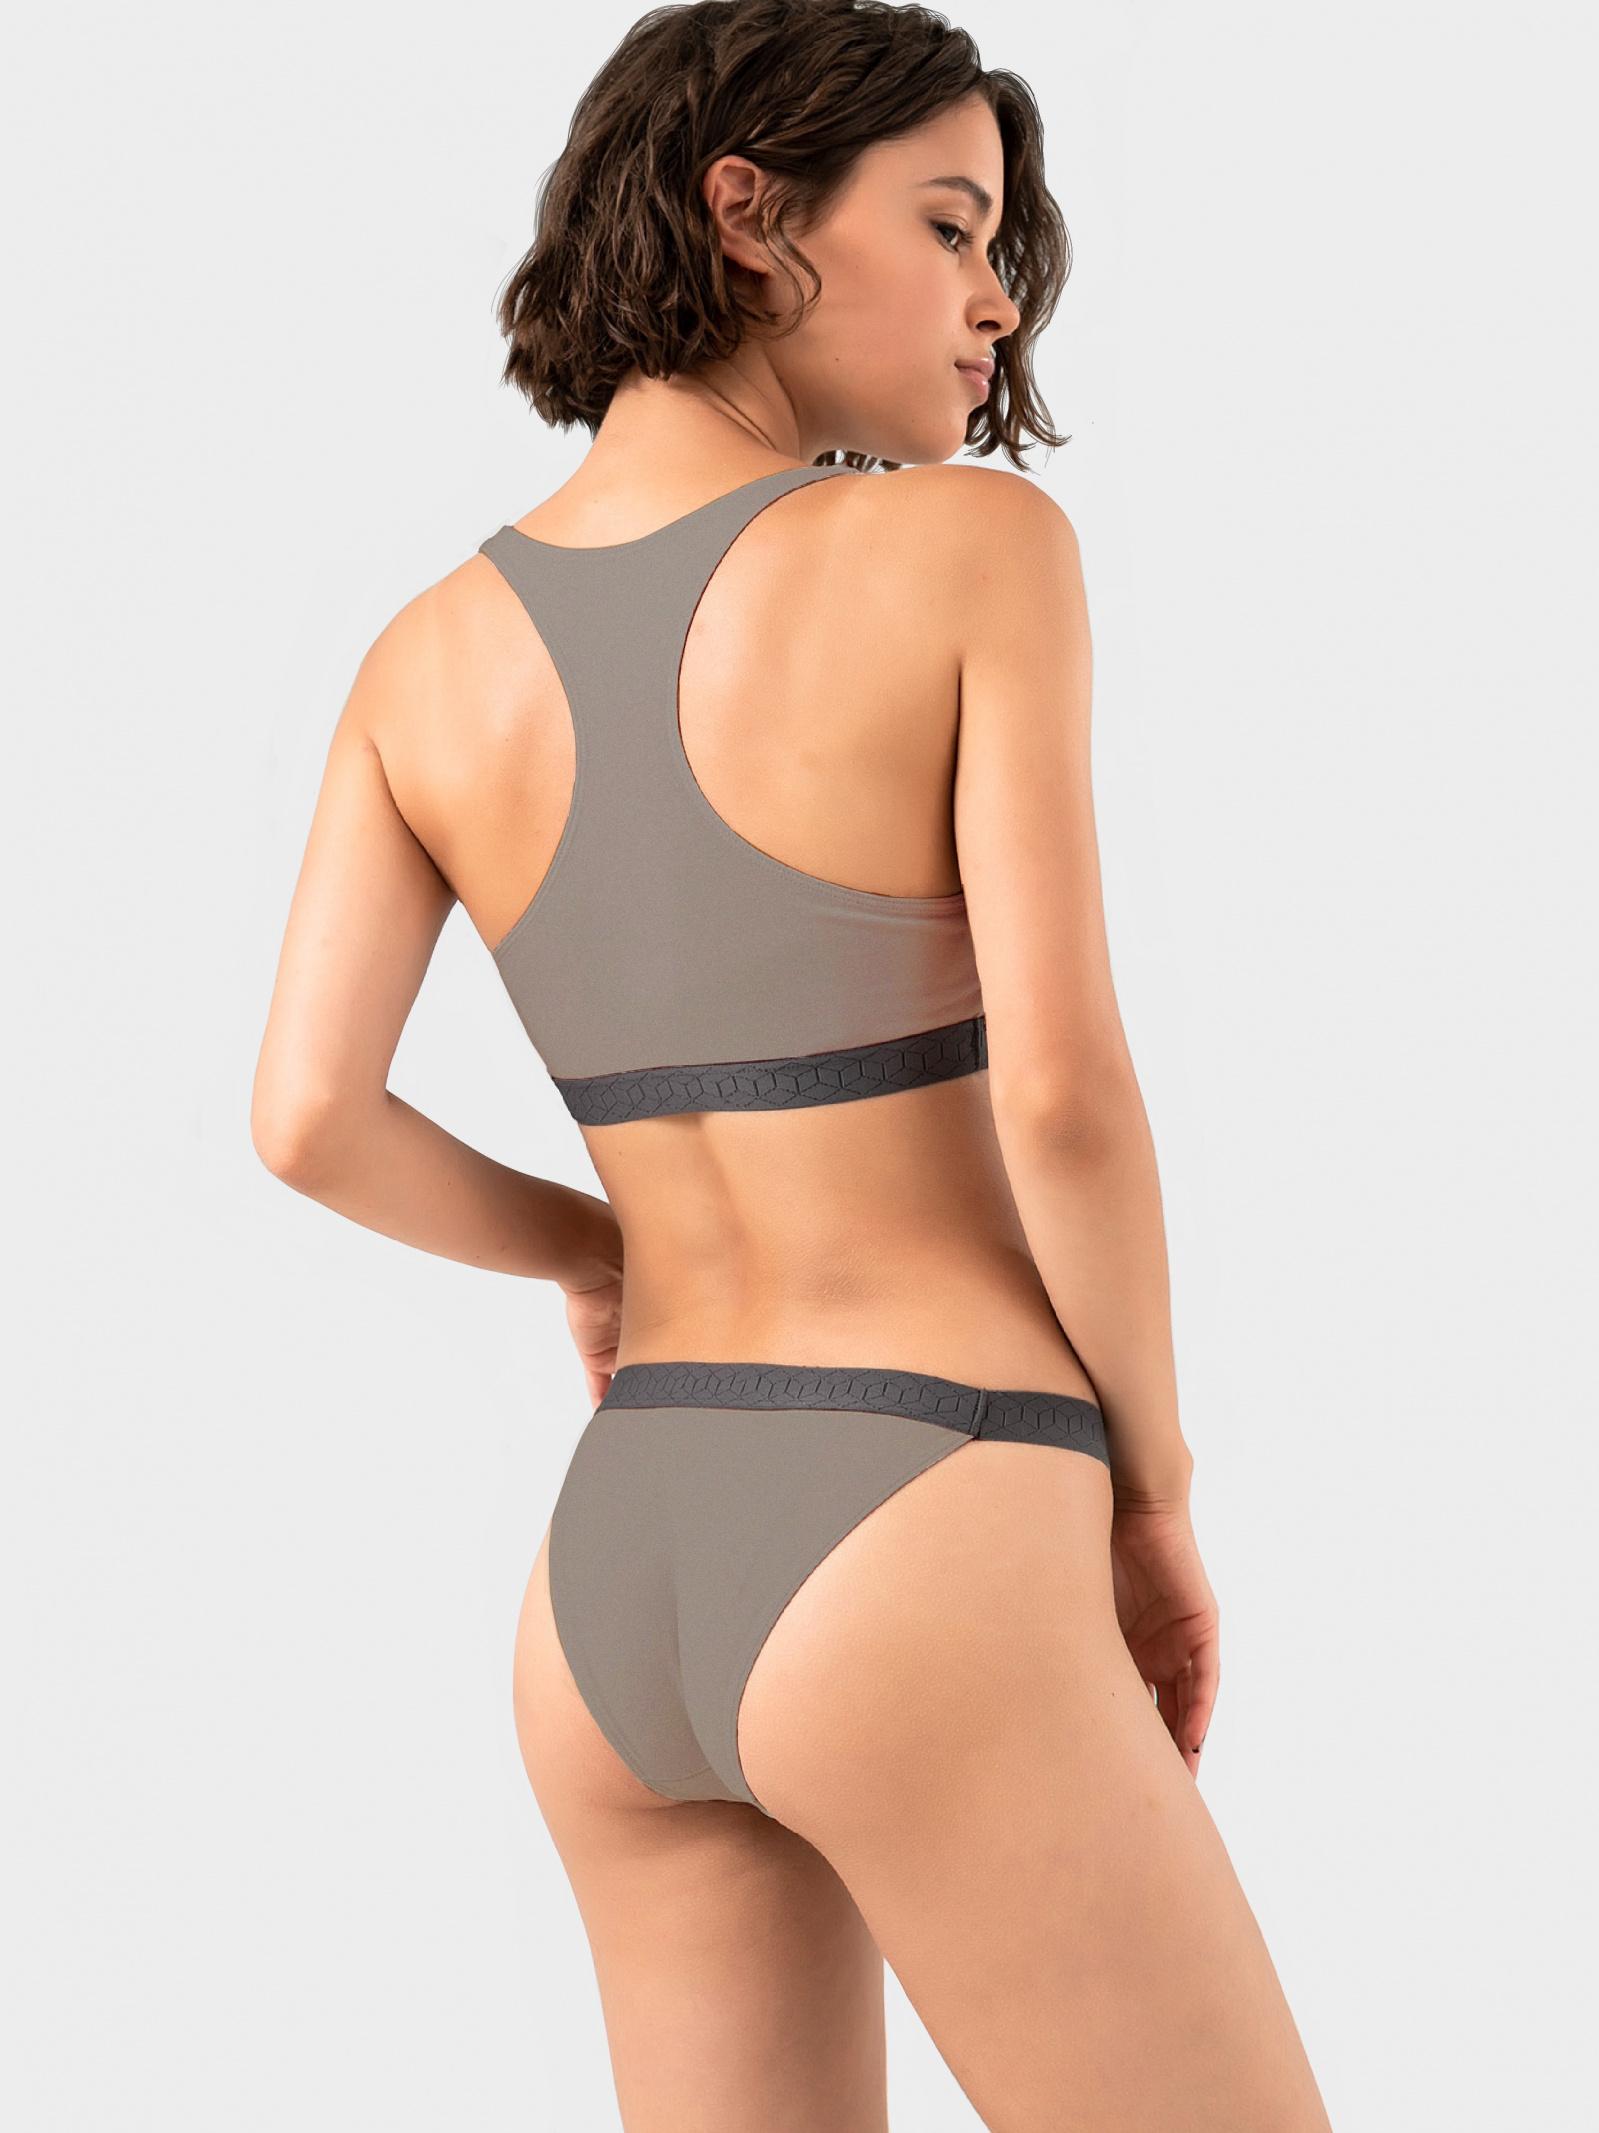 SMPL Underwear Спідня білизна жіночі модель top.w.01.grey ціна, 2017